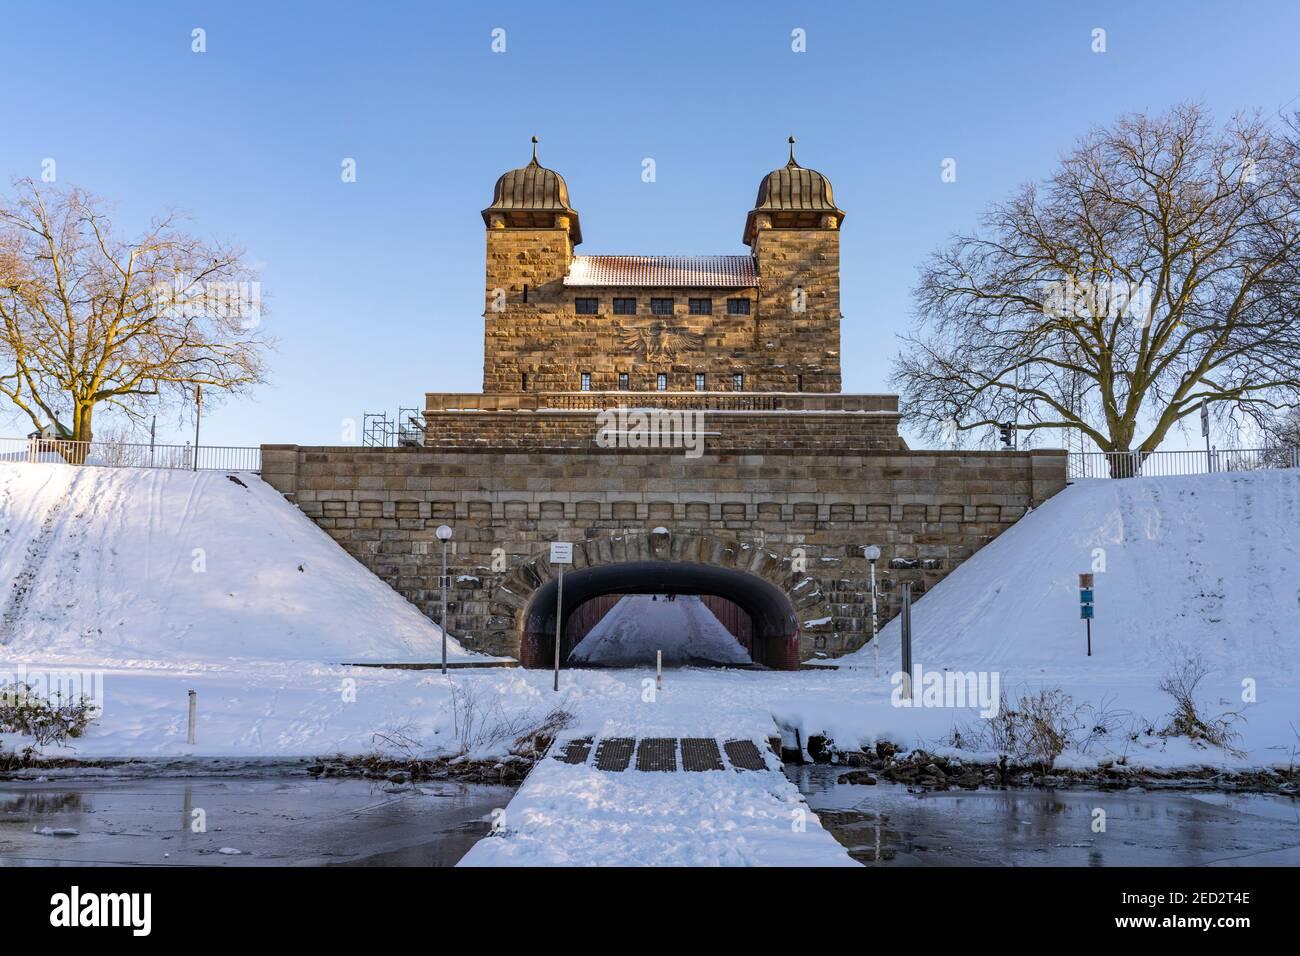 Alte Schleuse am Schleusenpark Waltrop, Nordrhein-Westfalen, Deutschland, Europa   Old lock, Waltrop Lock Park, North Rhine-Westphalia, Germany, Europ Stock Photo